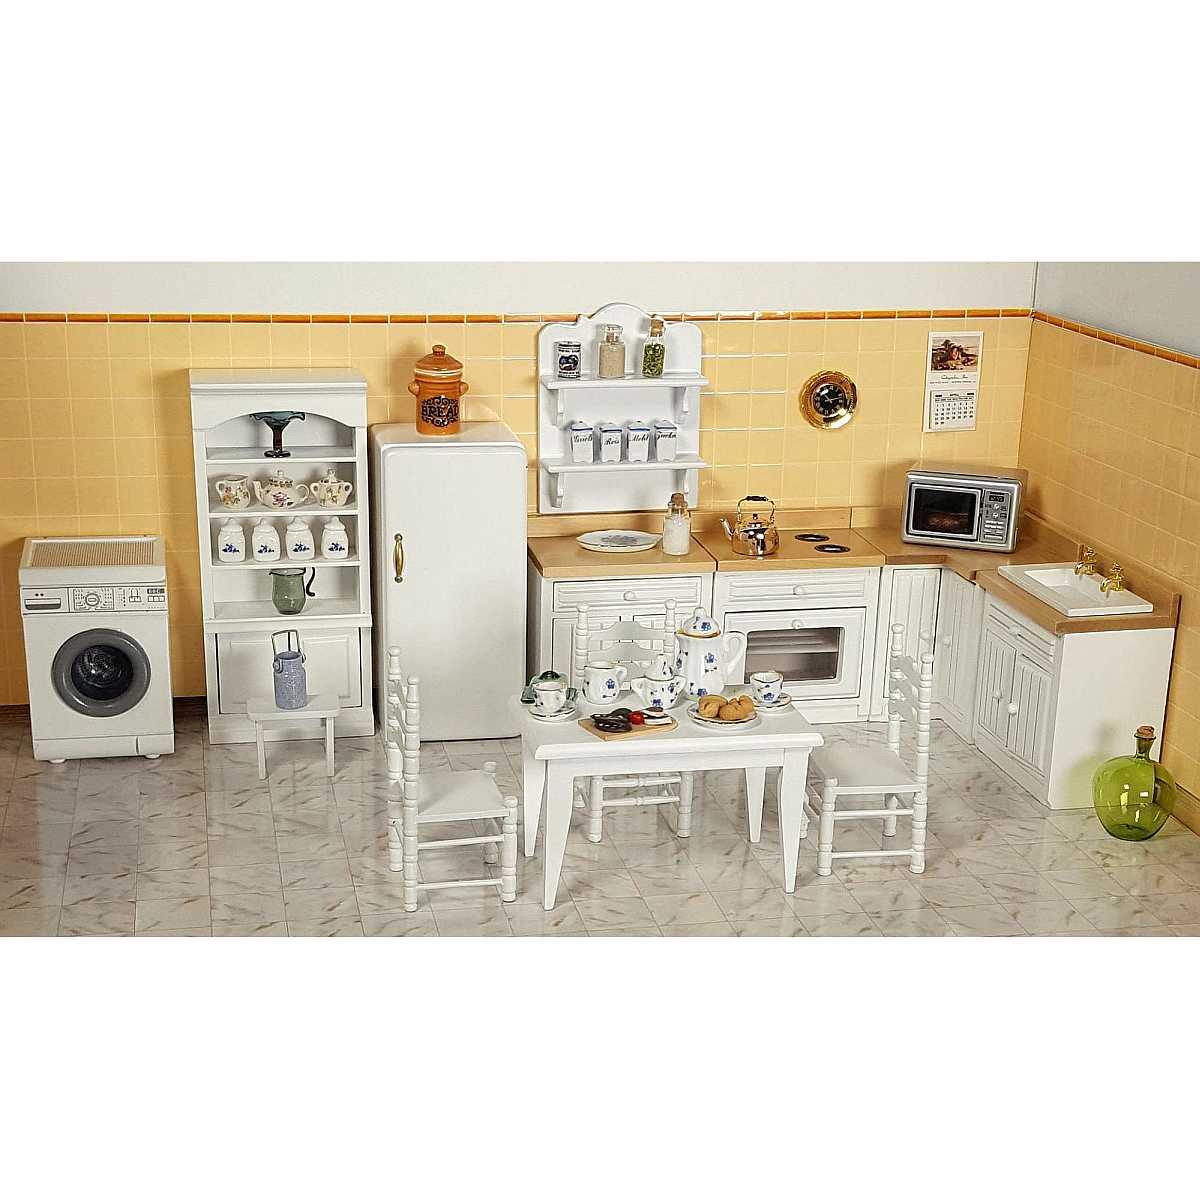 Komplettpackung - Alte Küche ohne Herd-40210